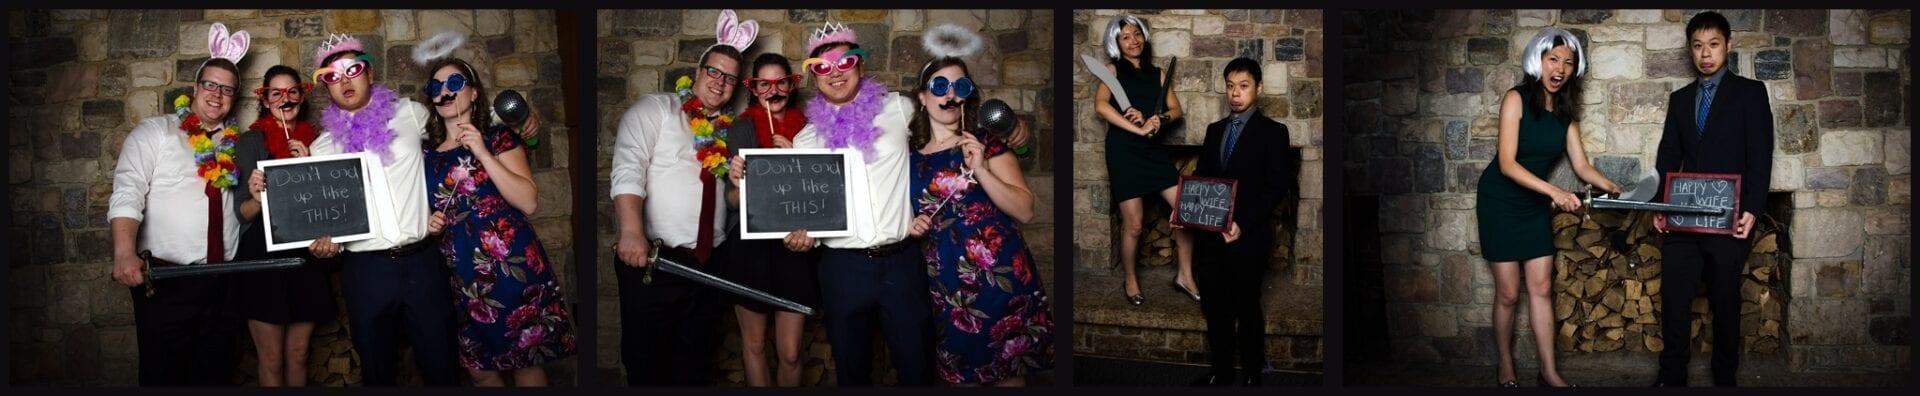 Edmonton-Wedding-photo-booth-Photography-126